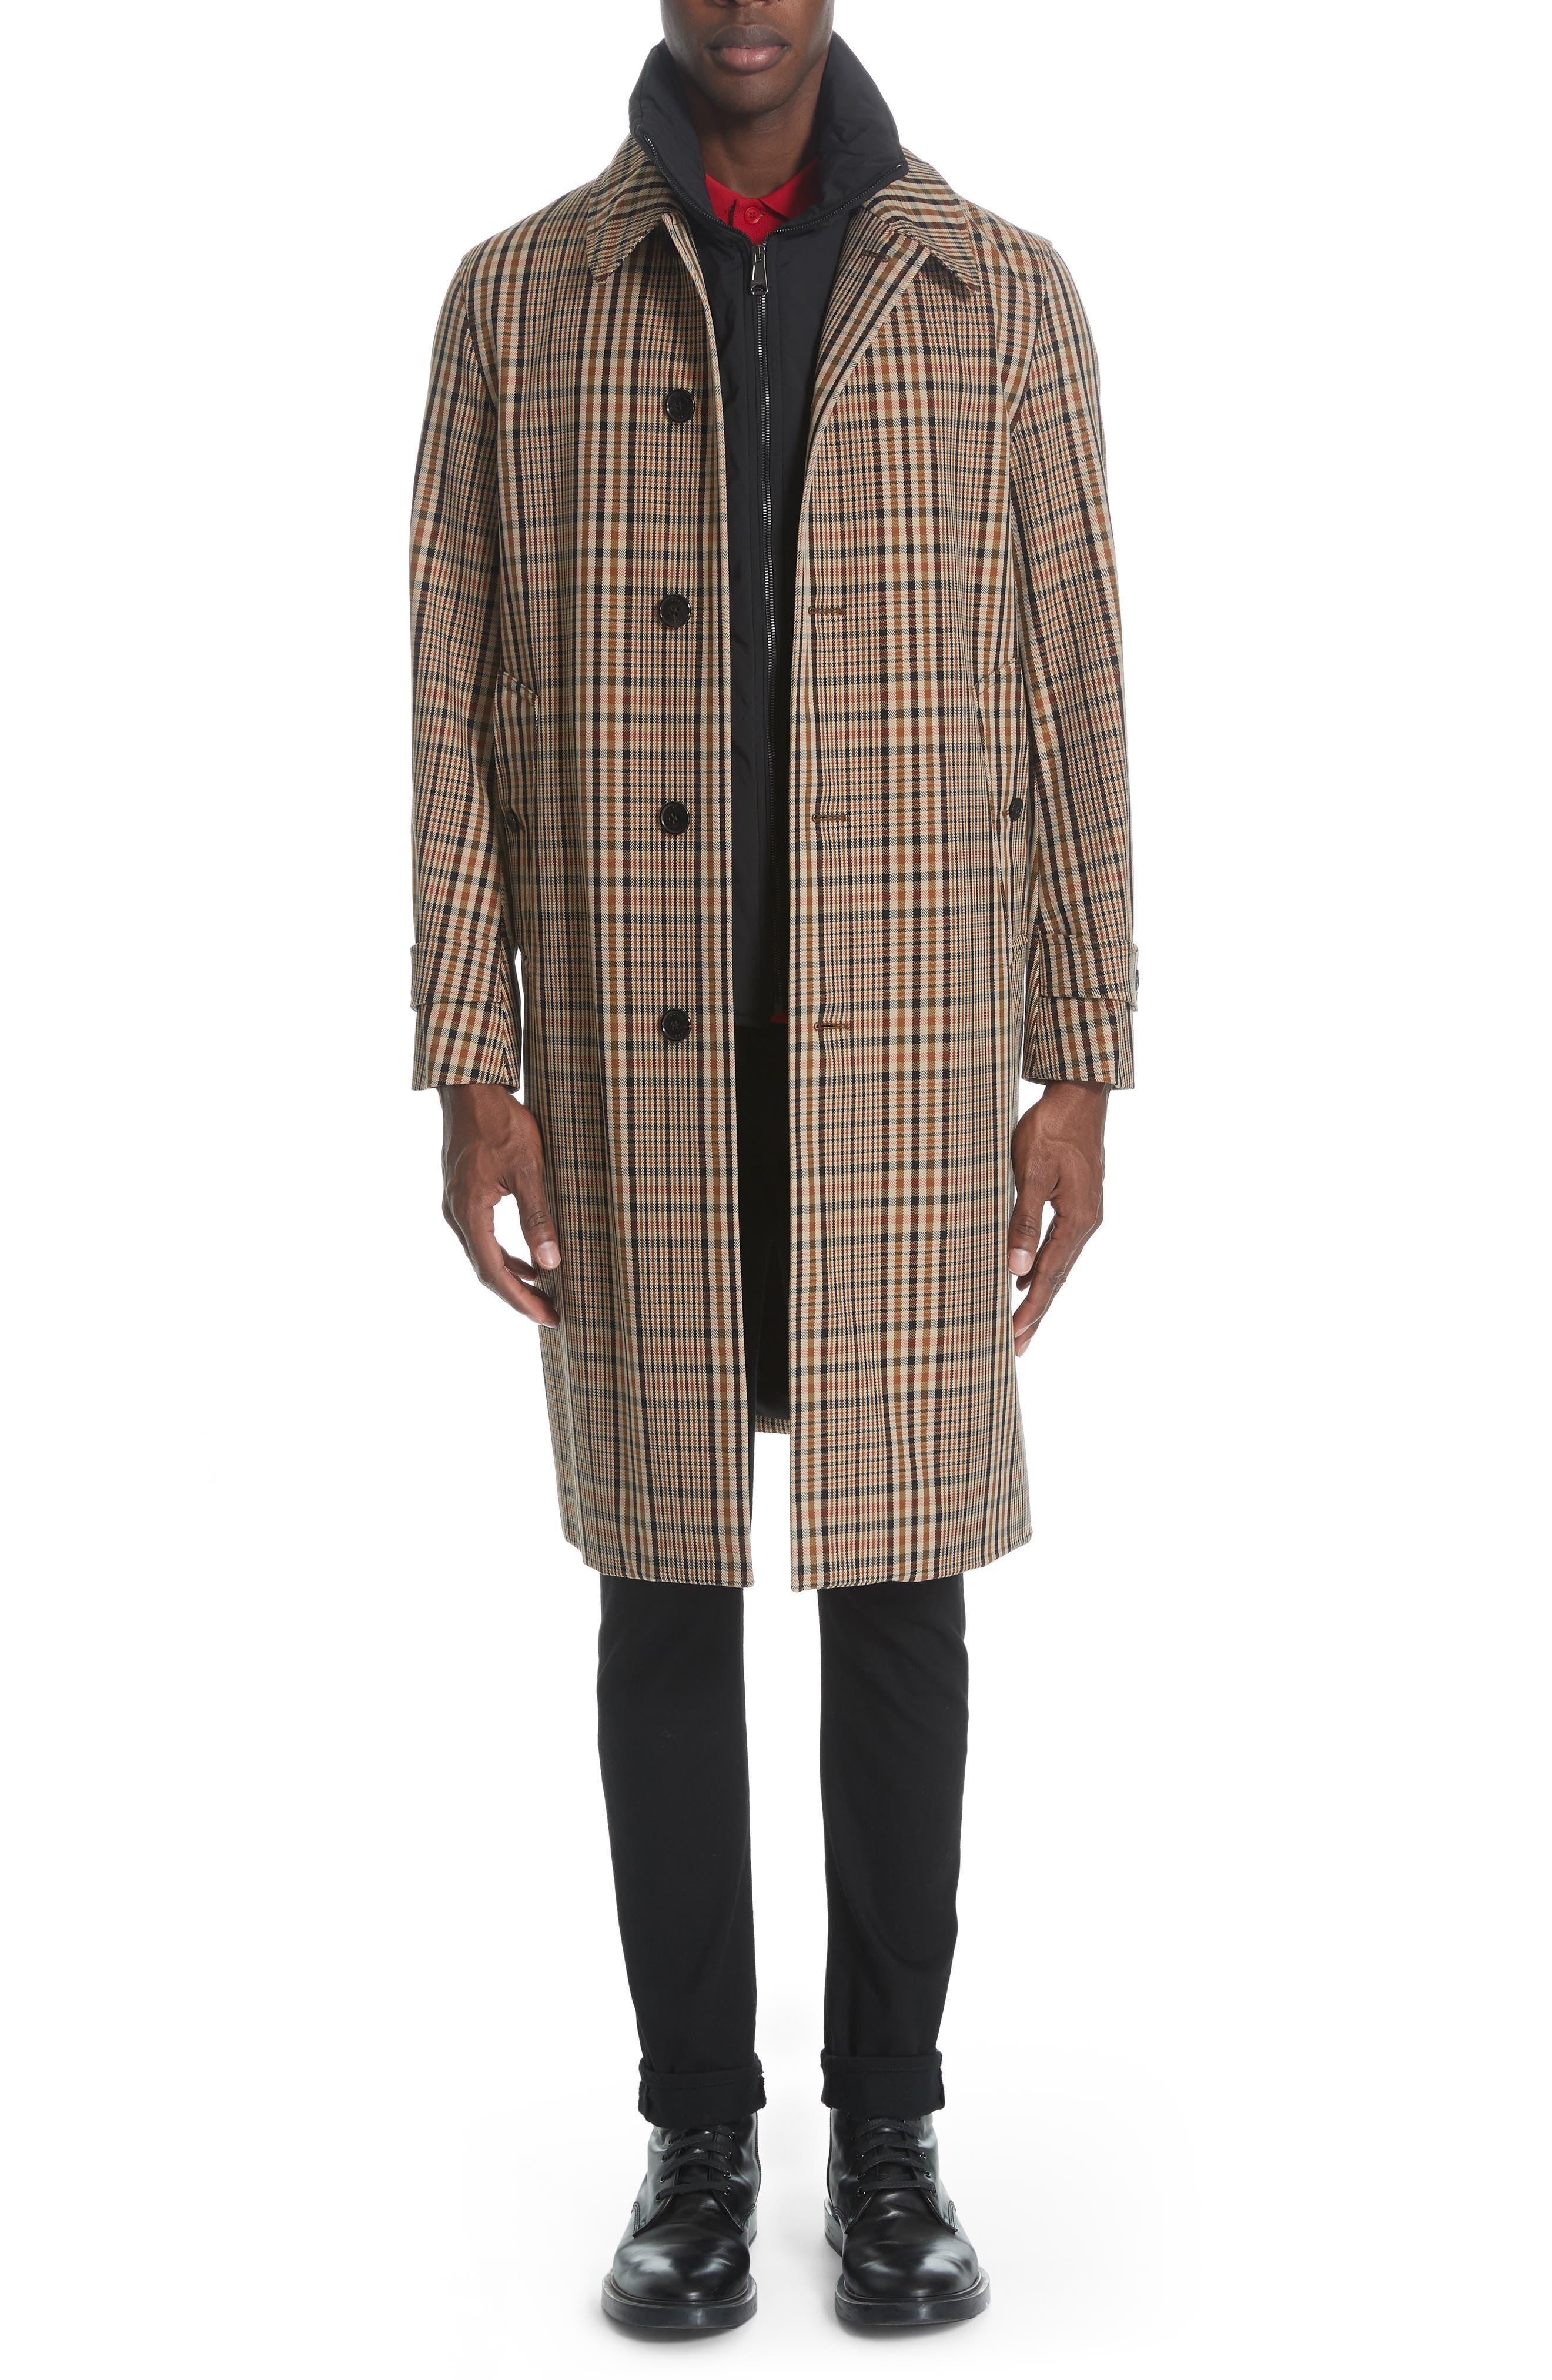 BURBERRY, Lenthorne Check Car Coat with Detachable Vest, Main thumbnail 1, color, DARK CAMEL